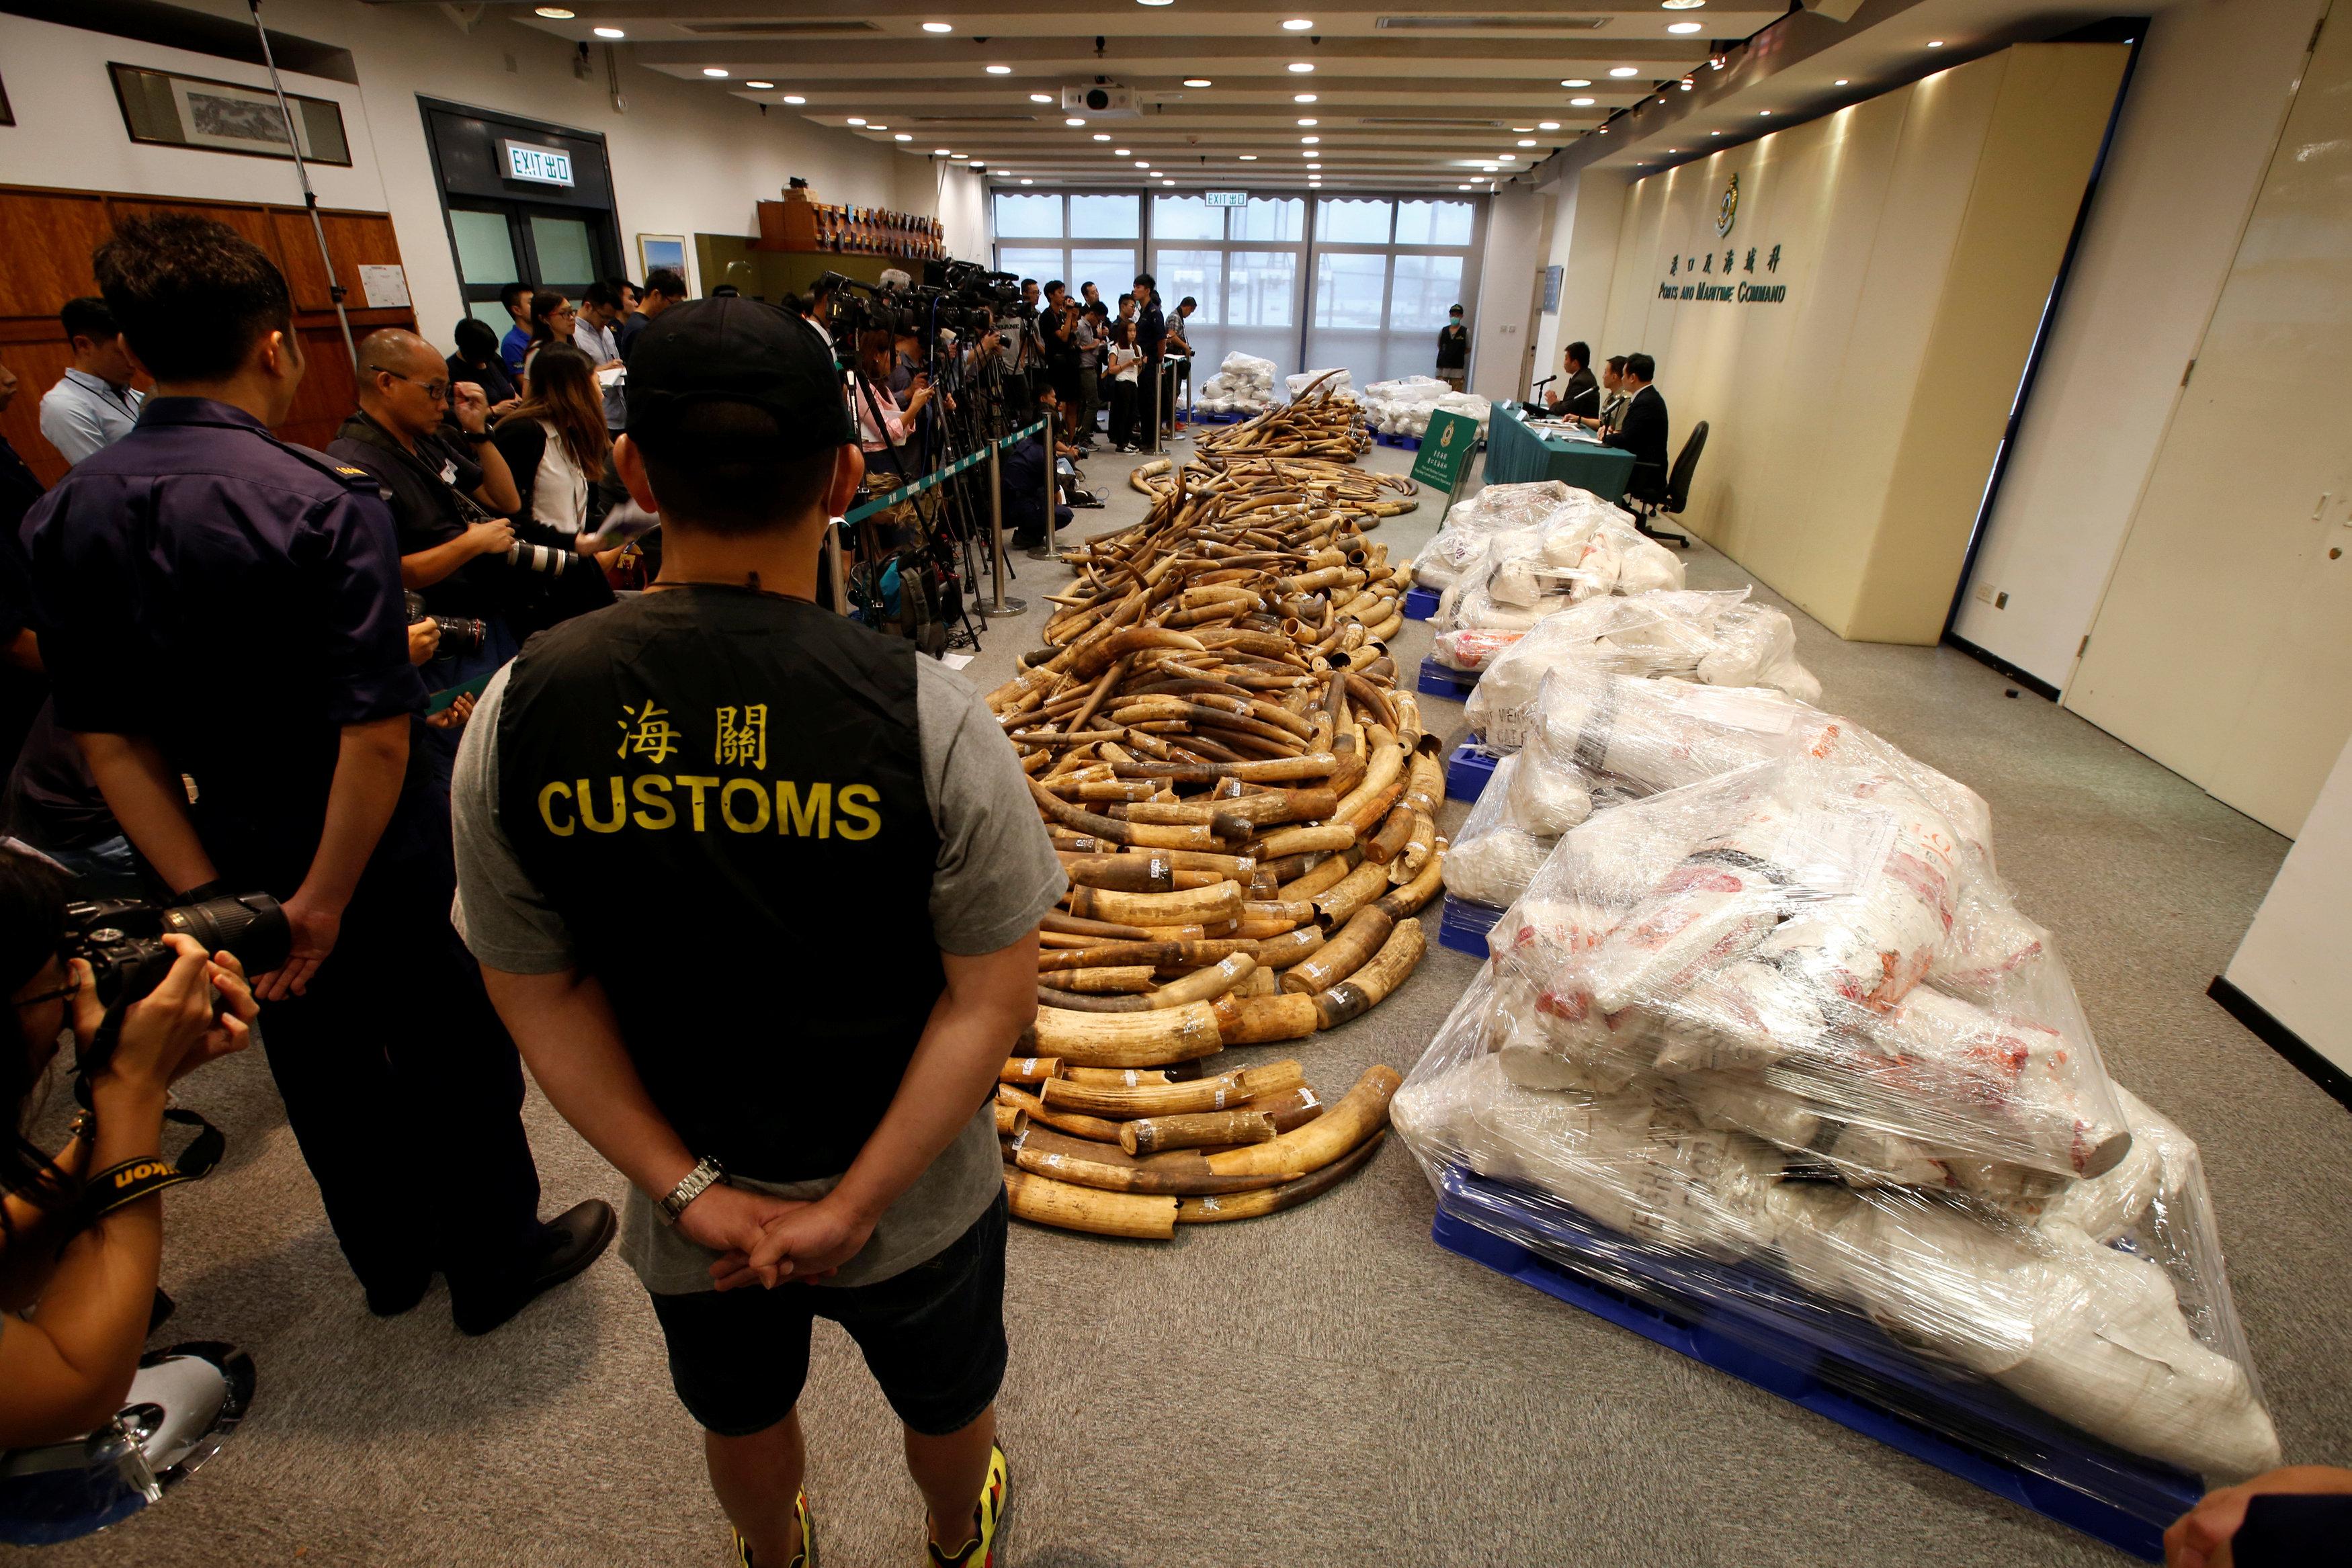 هونج كونج تحبط تهريب أكبر شحنة عاج منذ أكثر من 30 عاما